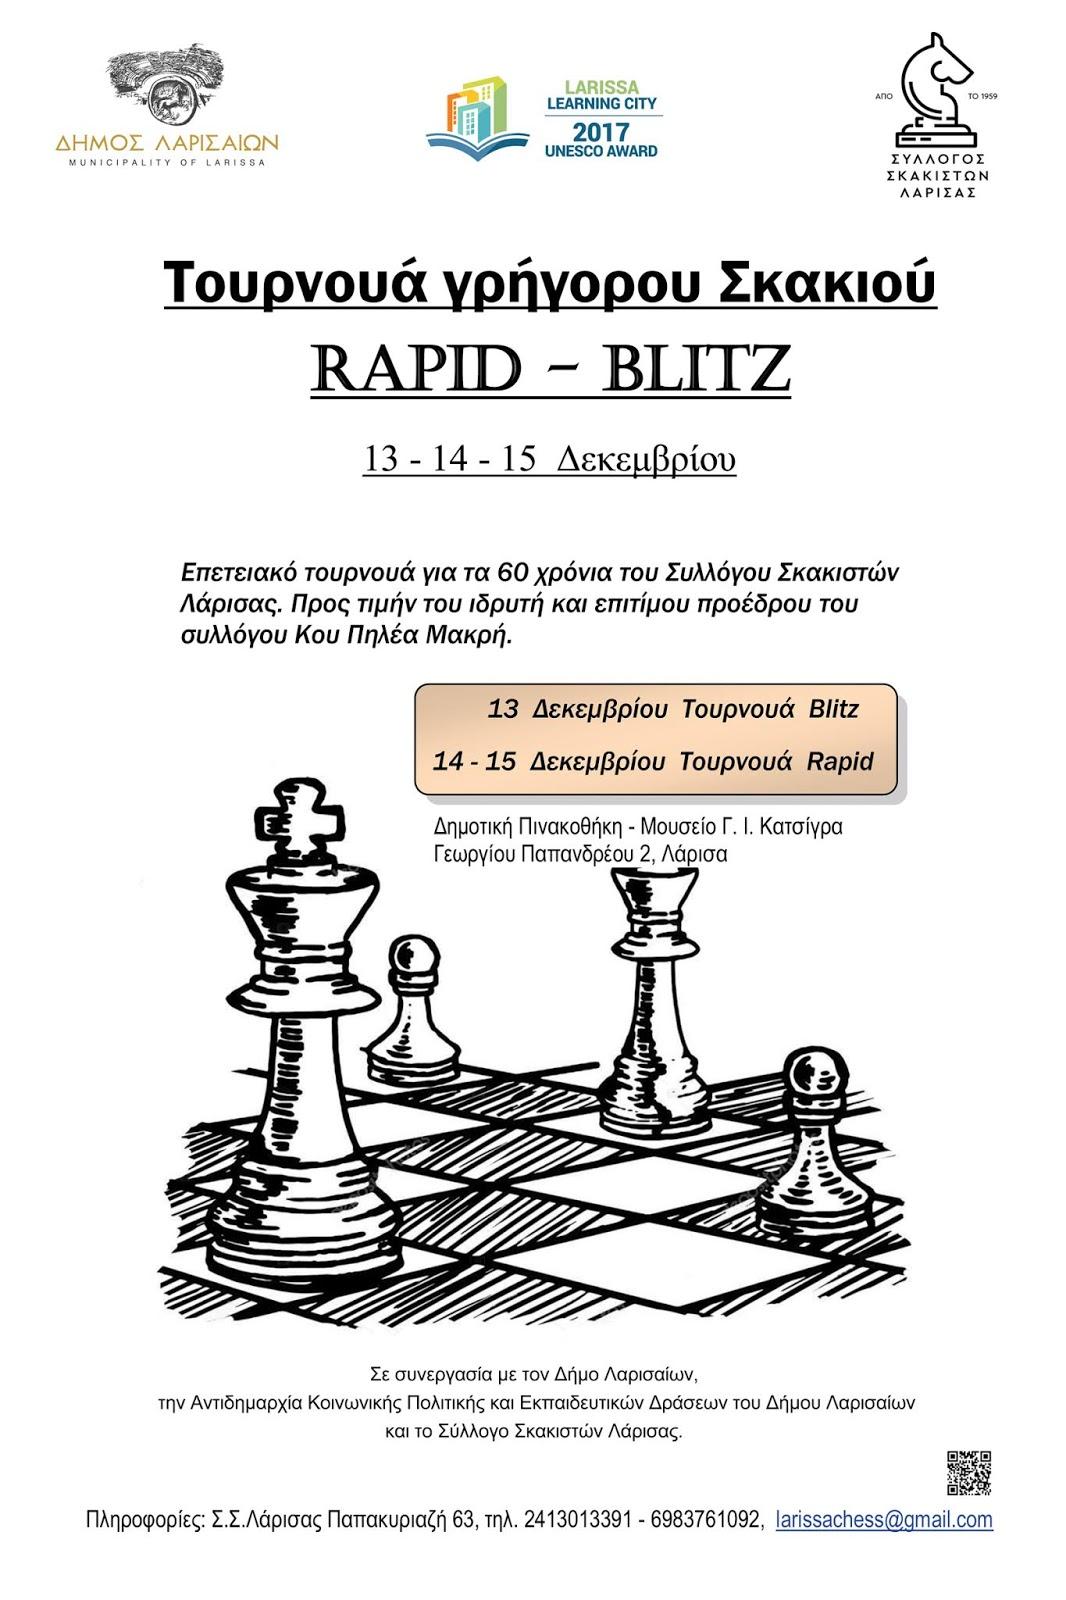 """Επετειακό Τουρνουά γρήγορου Σκακιού - """"RAPID-BLITZ"""" από το Σύλλογο Σκακιστών Λάρισας και το Δήμο Λαρισαίων"""